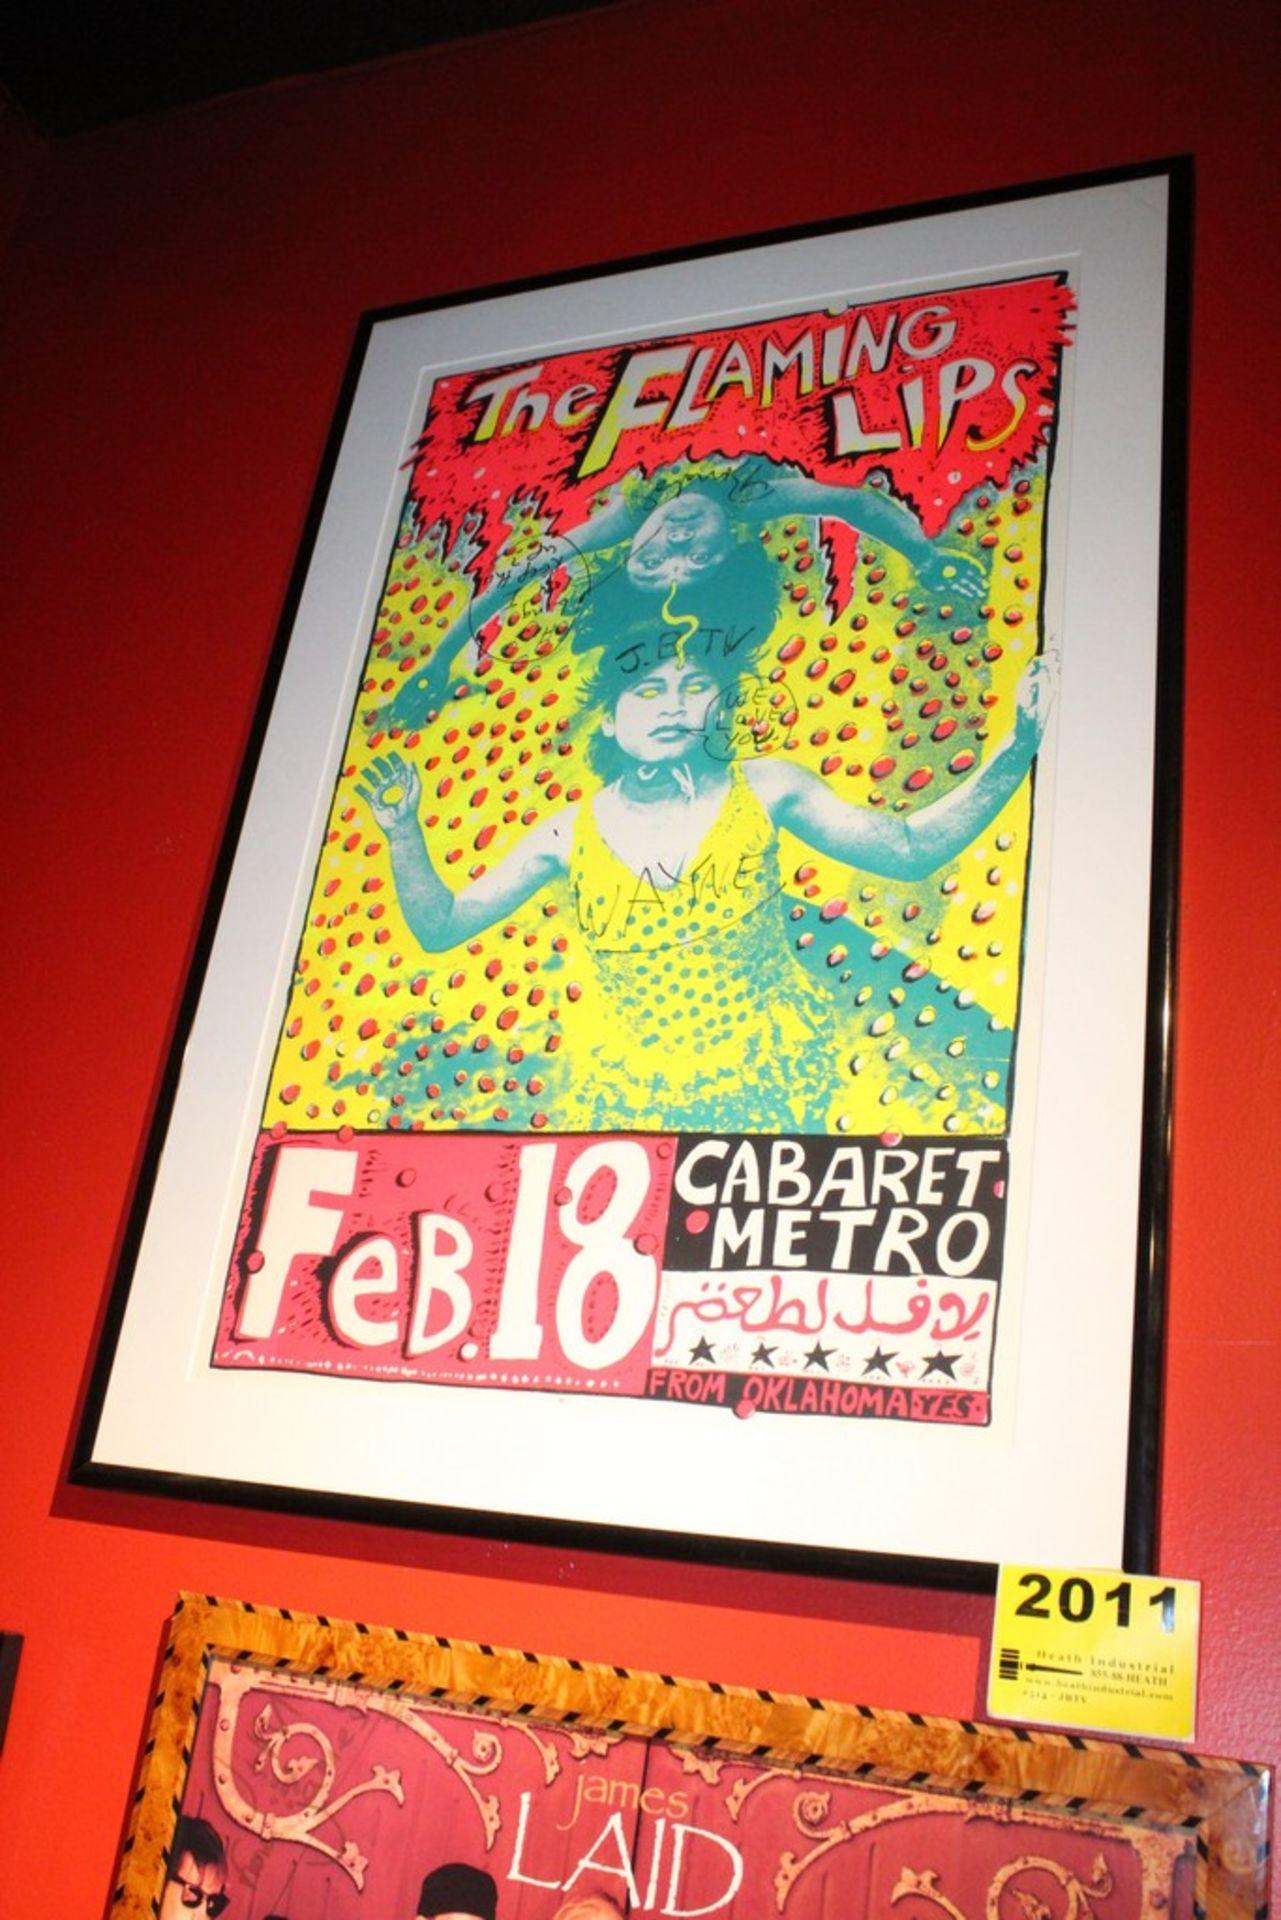 Lot 2011 - Flaming Lips Signed Concert Framed Poster